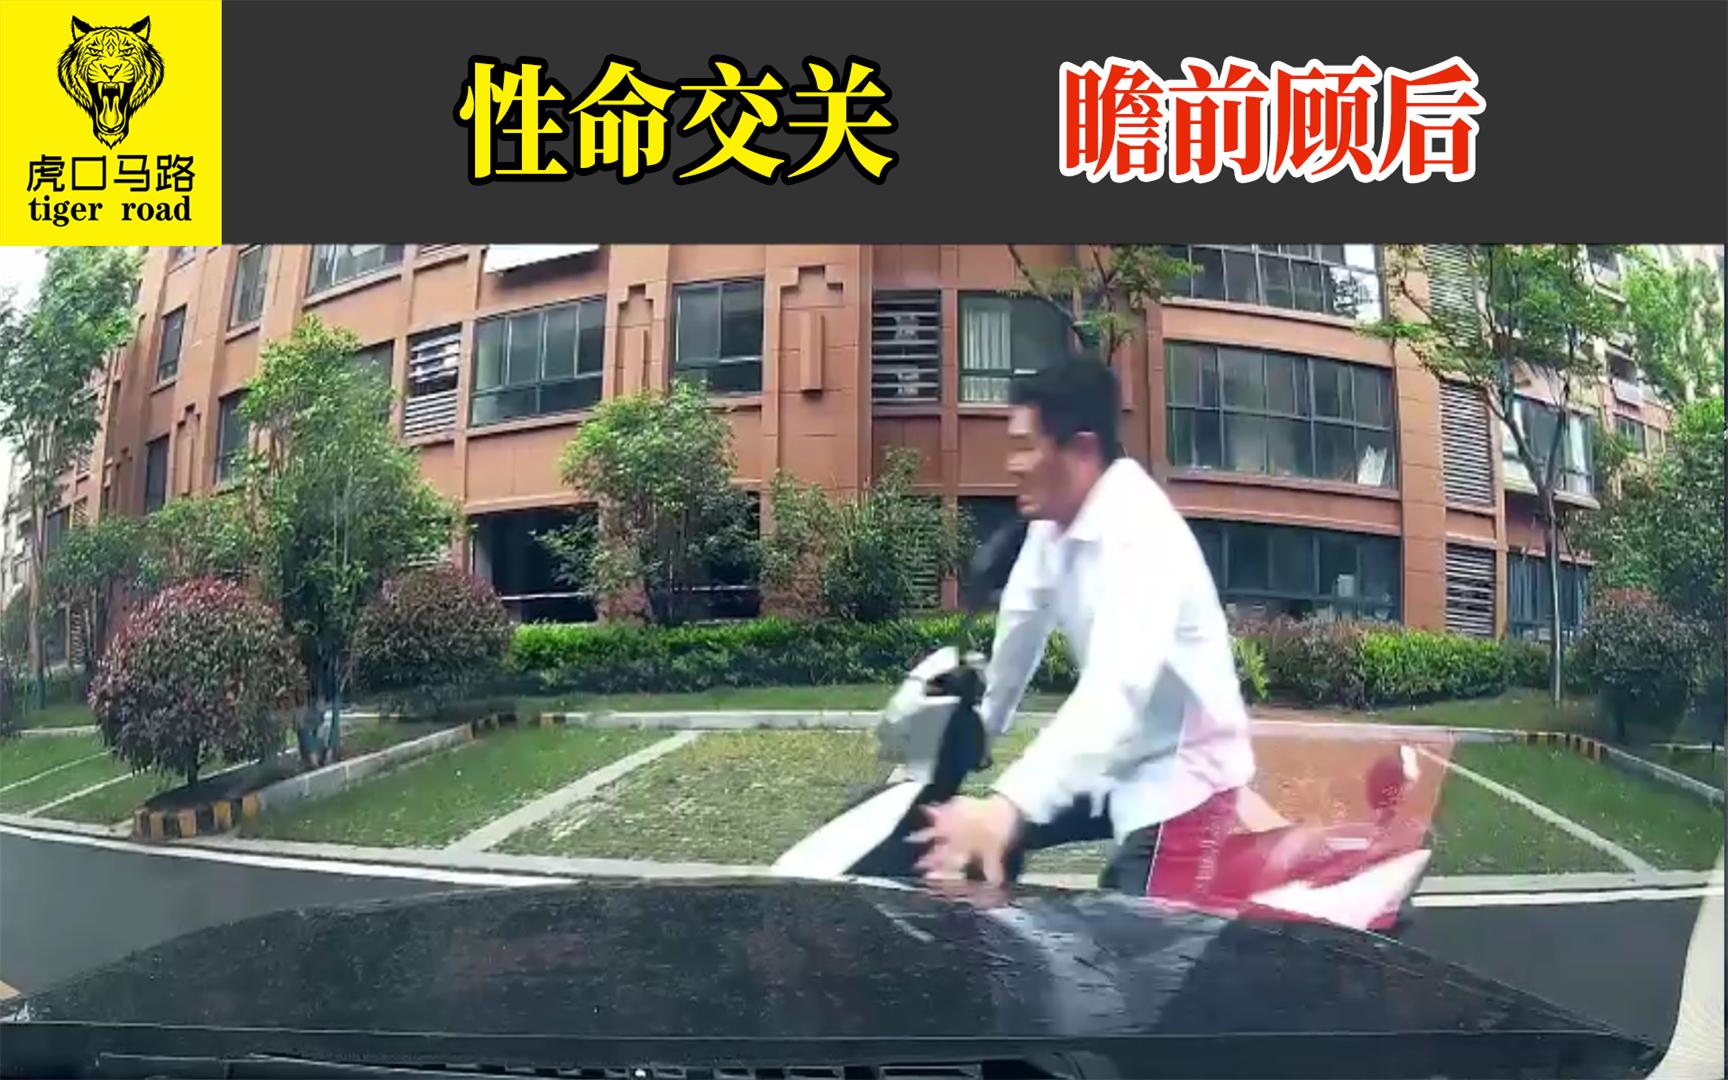 2021交通事故(61):性命交关,瞻前顾后